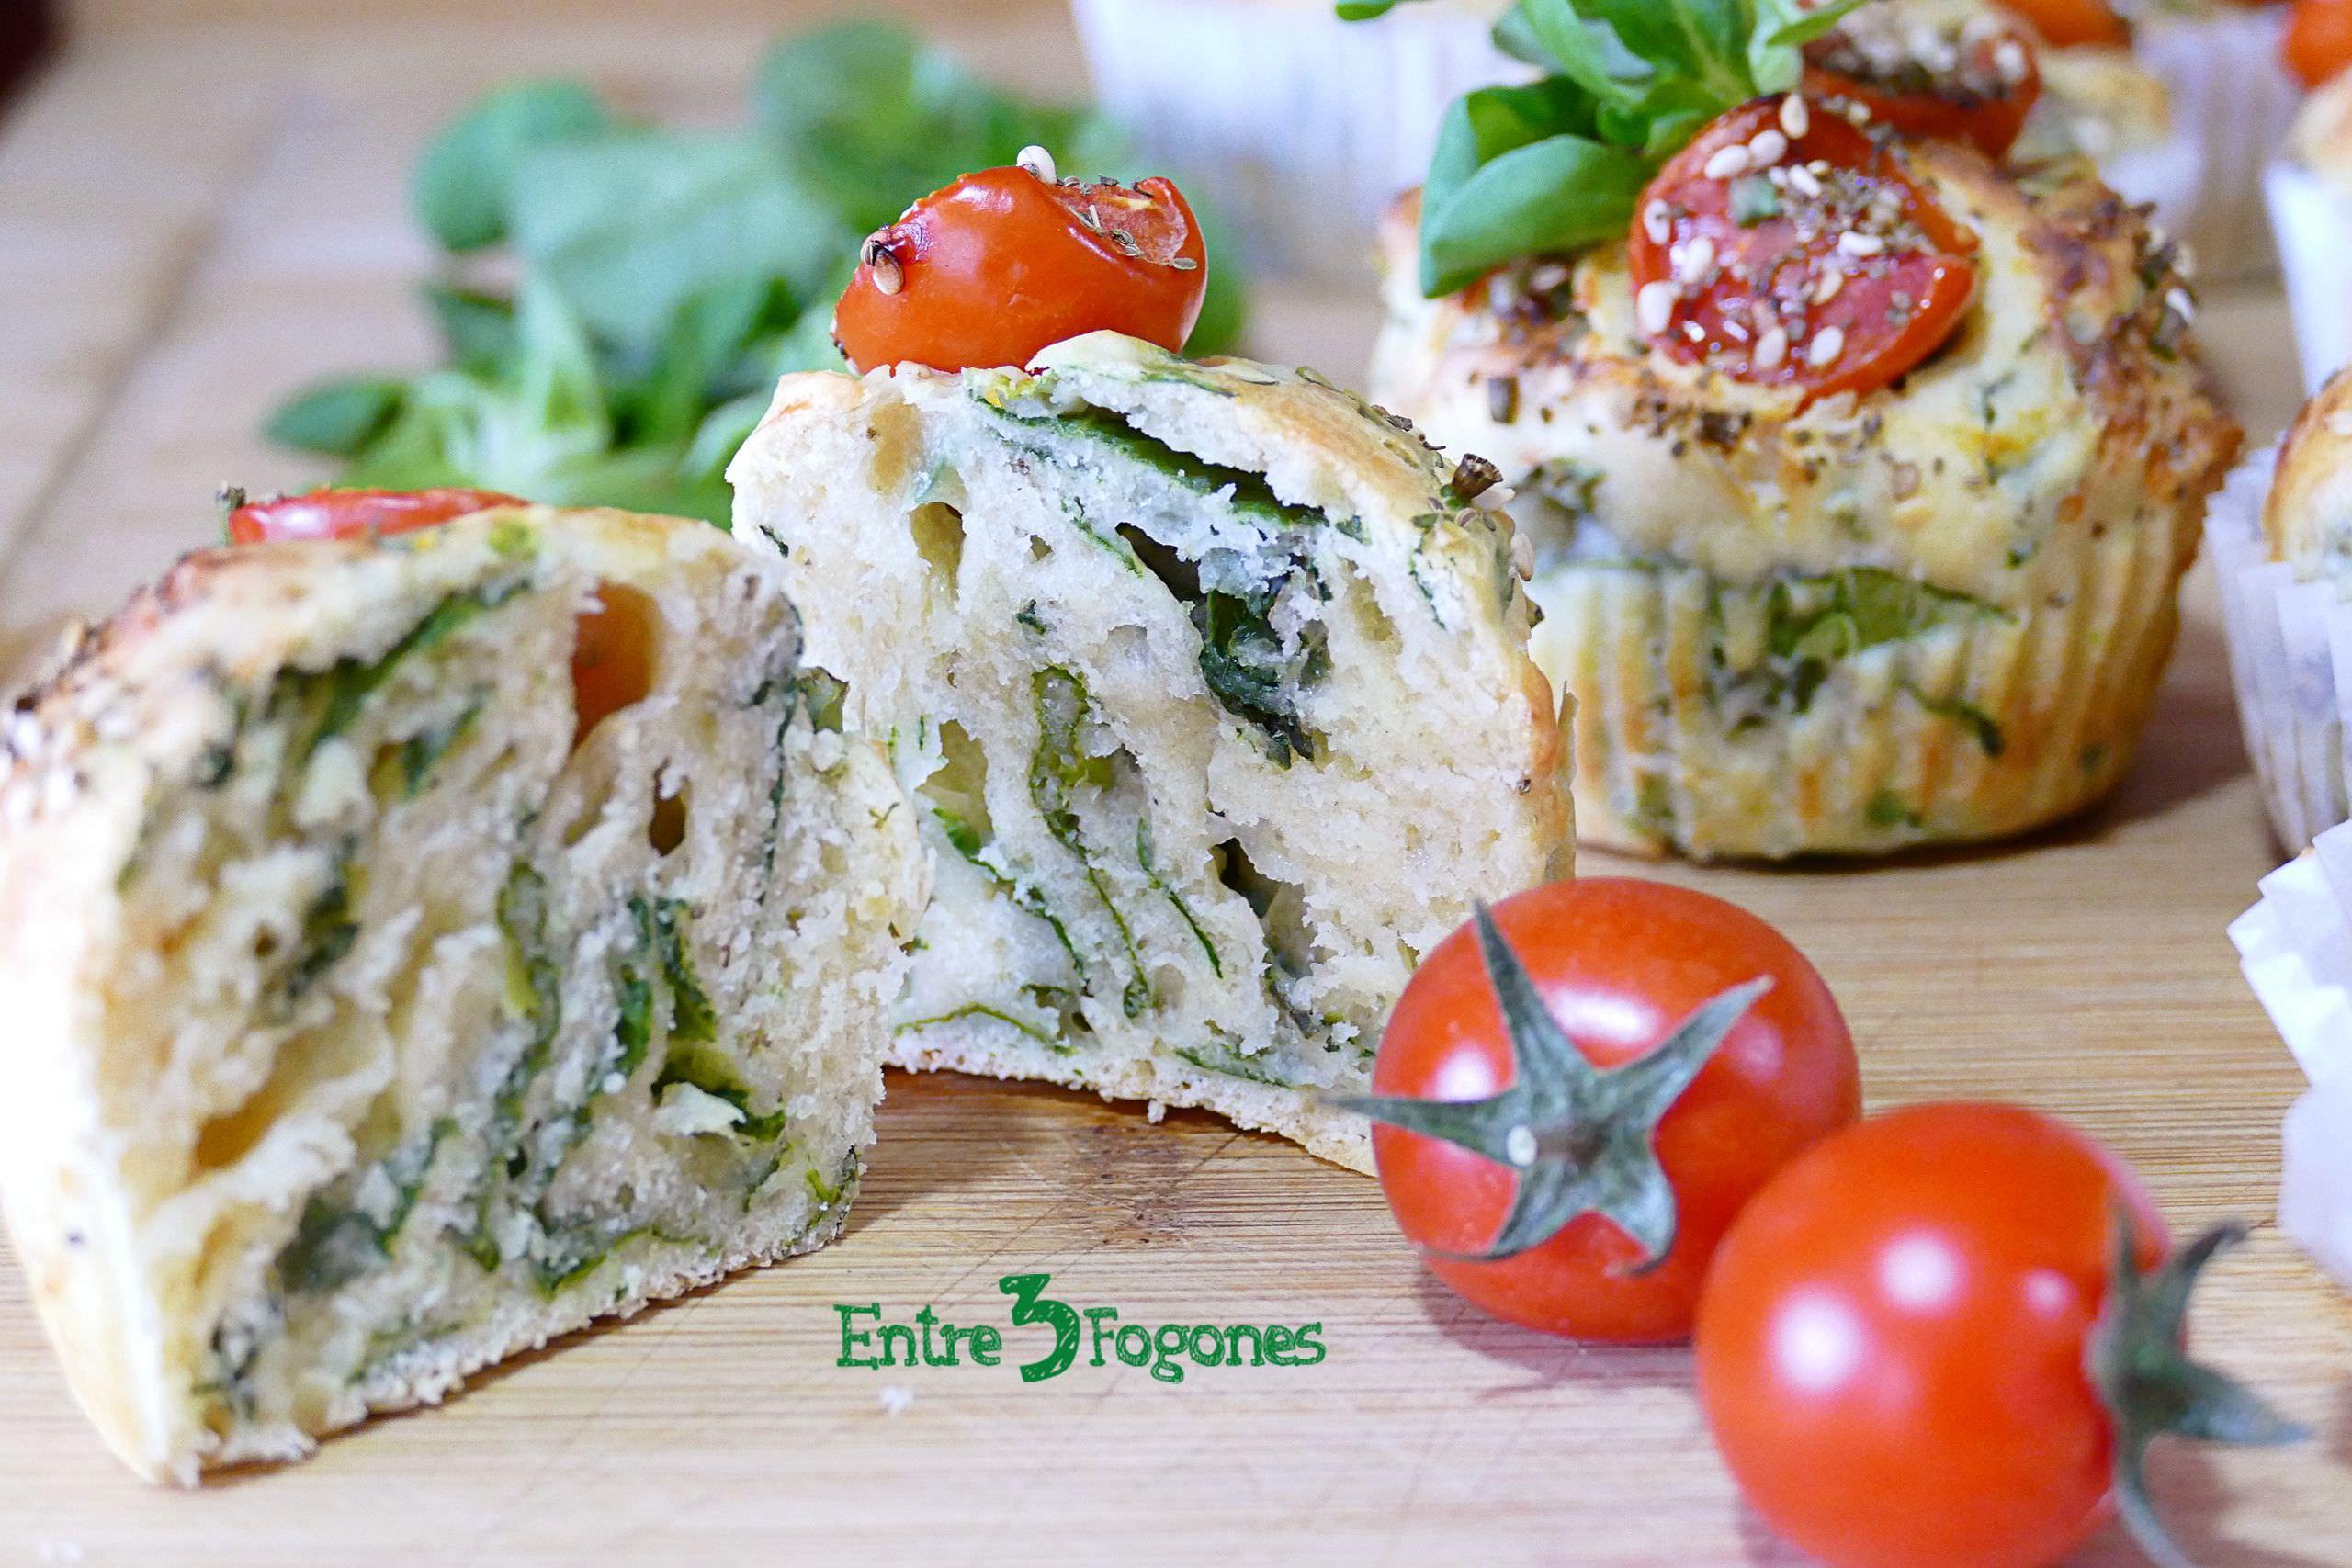 Muffins Salados de Espinacas y Tomate Cherry